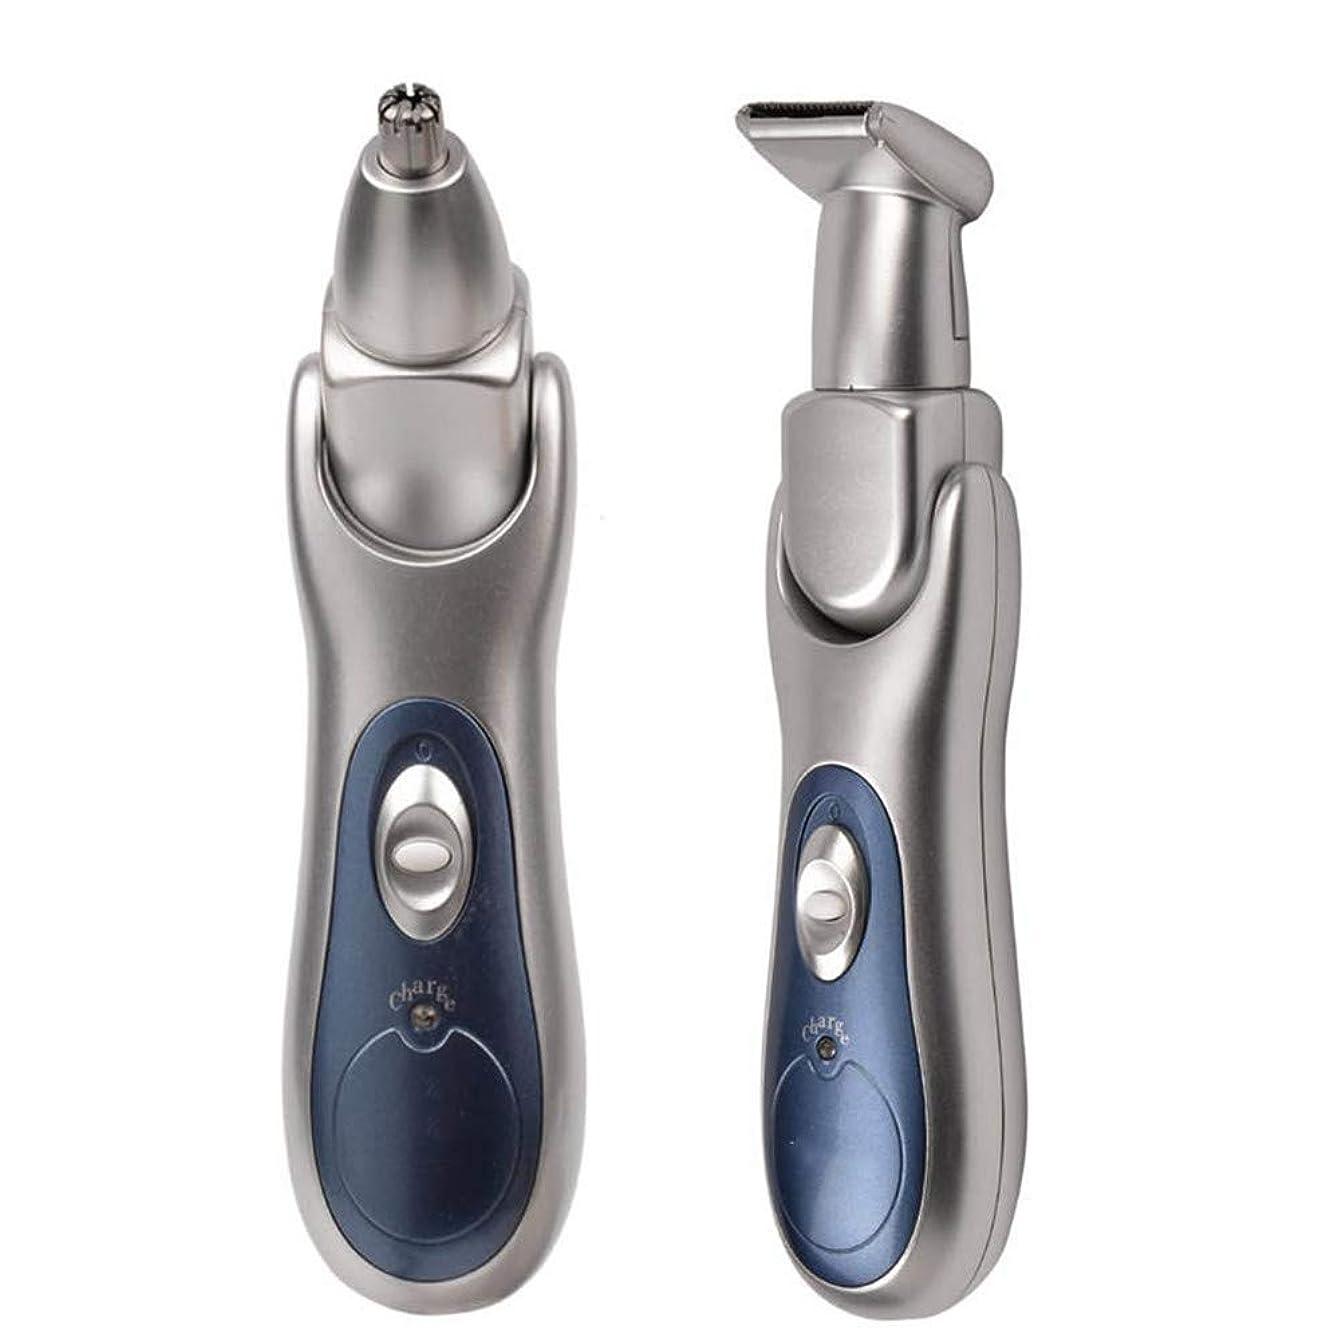 充電式鼻毛トリマー、サイレントモーターツーインワンロッキングヘッドのデザイン両刃のステンレススチール製ブレードノーズイヤートリマー